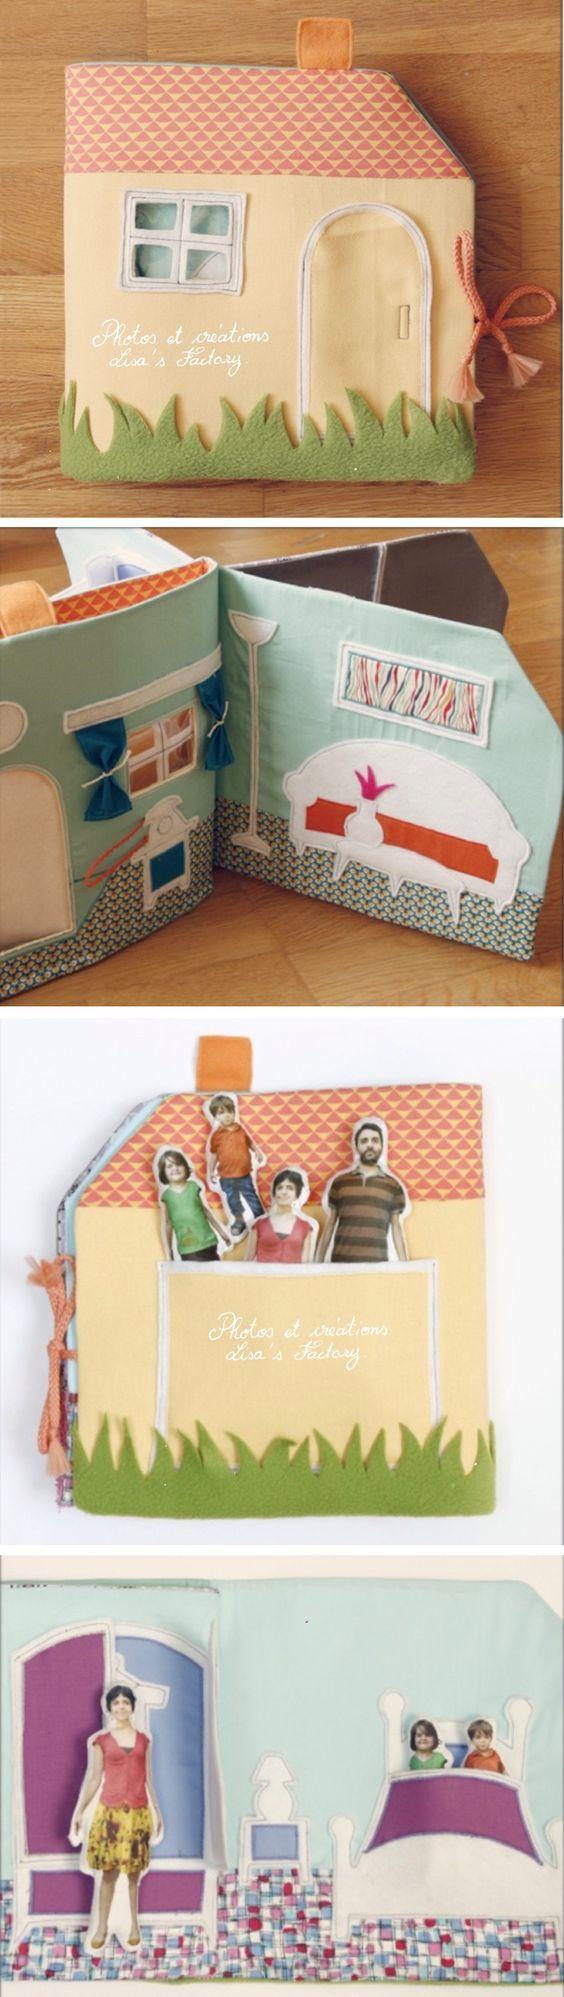 Love this quiet book idea. Your real family turned into dolls for your house. Album en tissu en forme de maison et personnalisable grâce aux effigies amovibles de la famille imprimés sur du tissu et rembourrées.